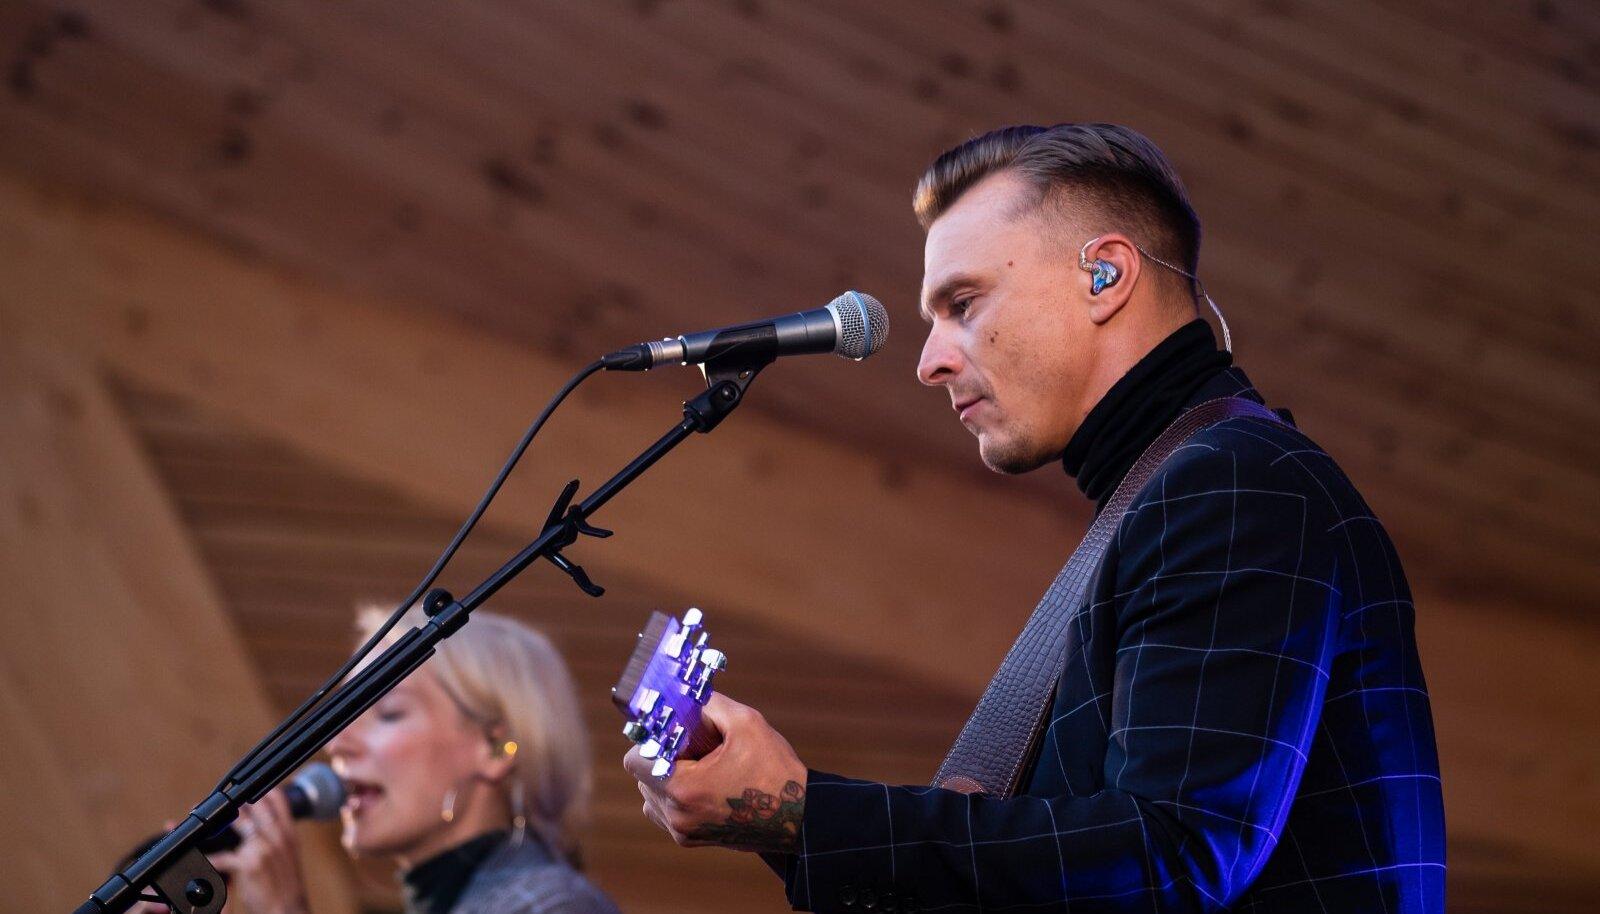 Laulasmaa, 04.08.2020. Tanel Padar ja Lenna Kuurmaa esinesid Kõltsu mõisas.